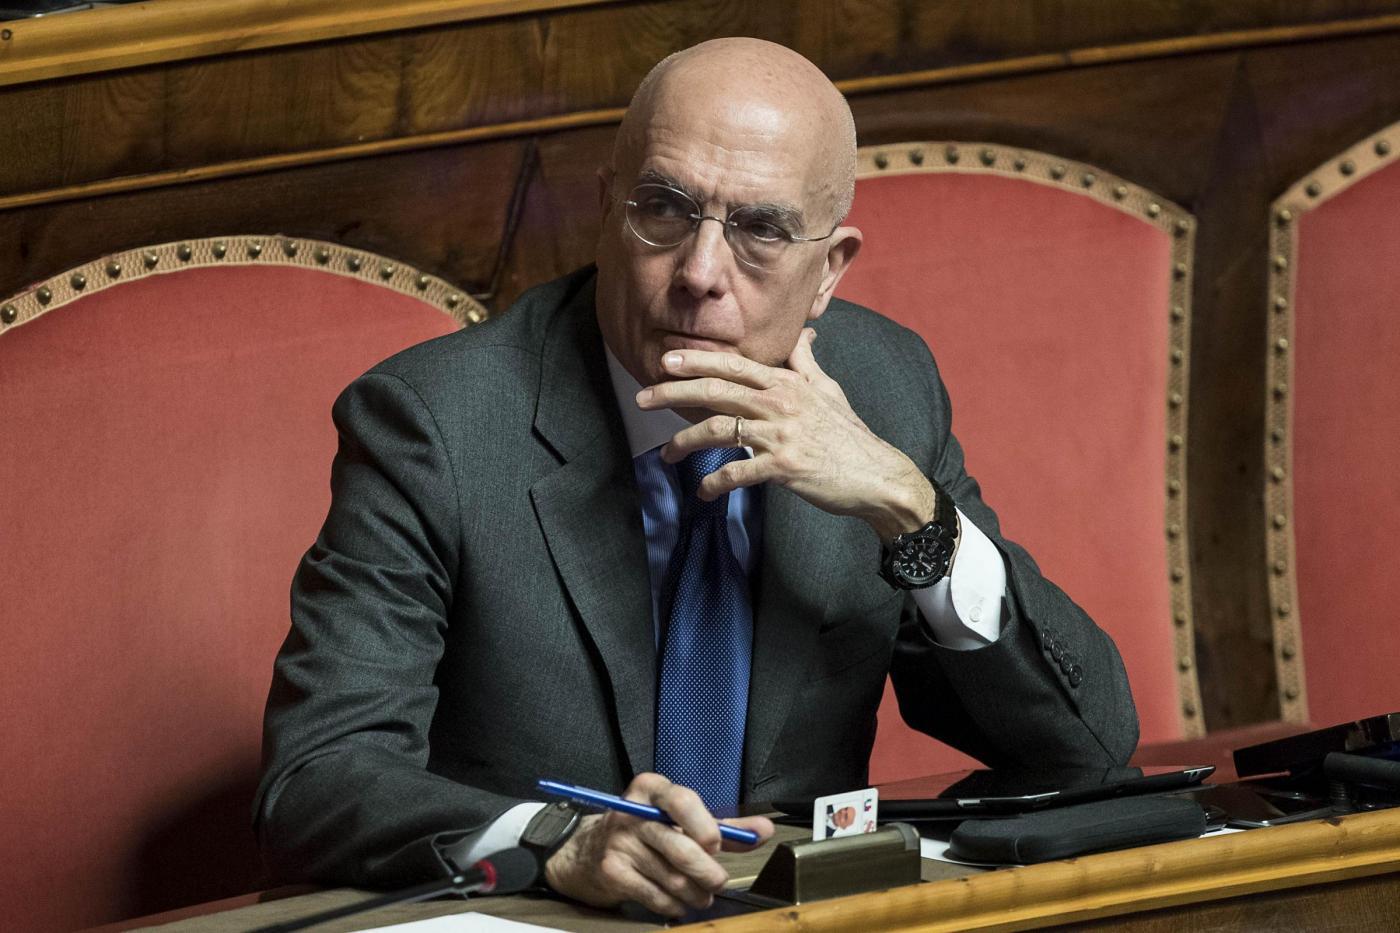 Senato Discussione su procedimento penale Gabriele Albertini